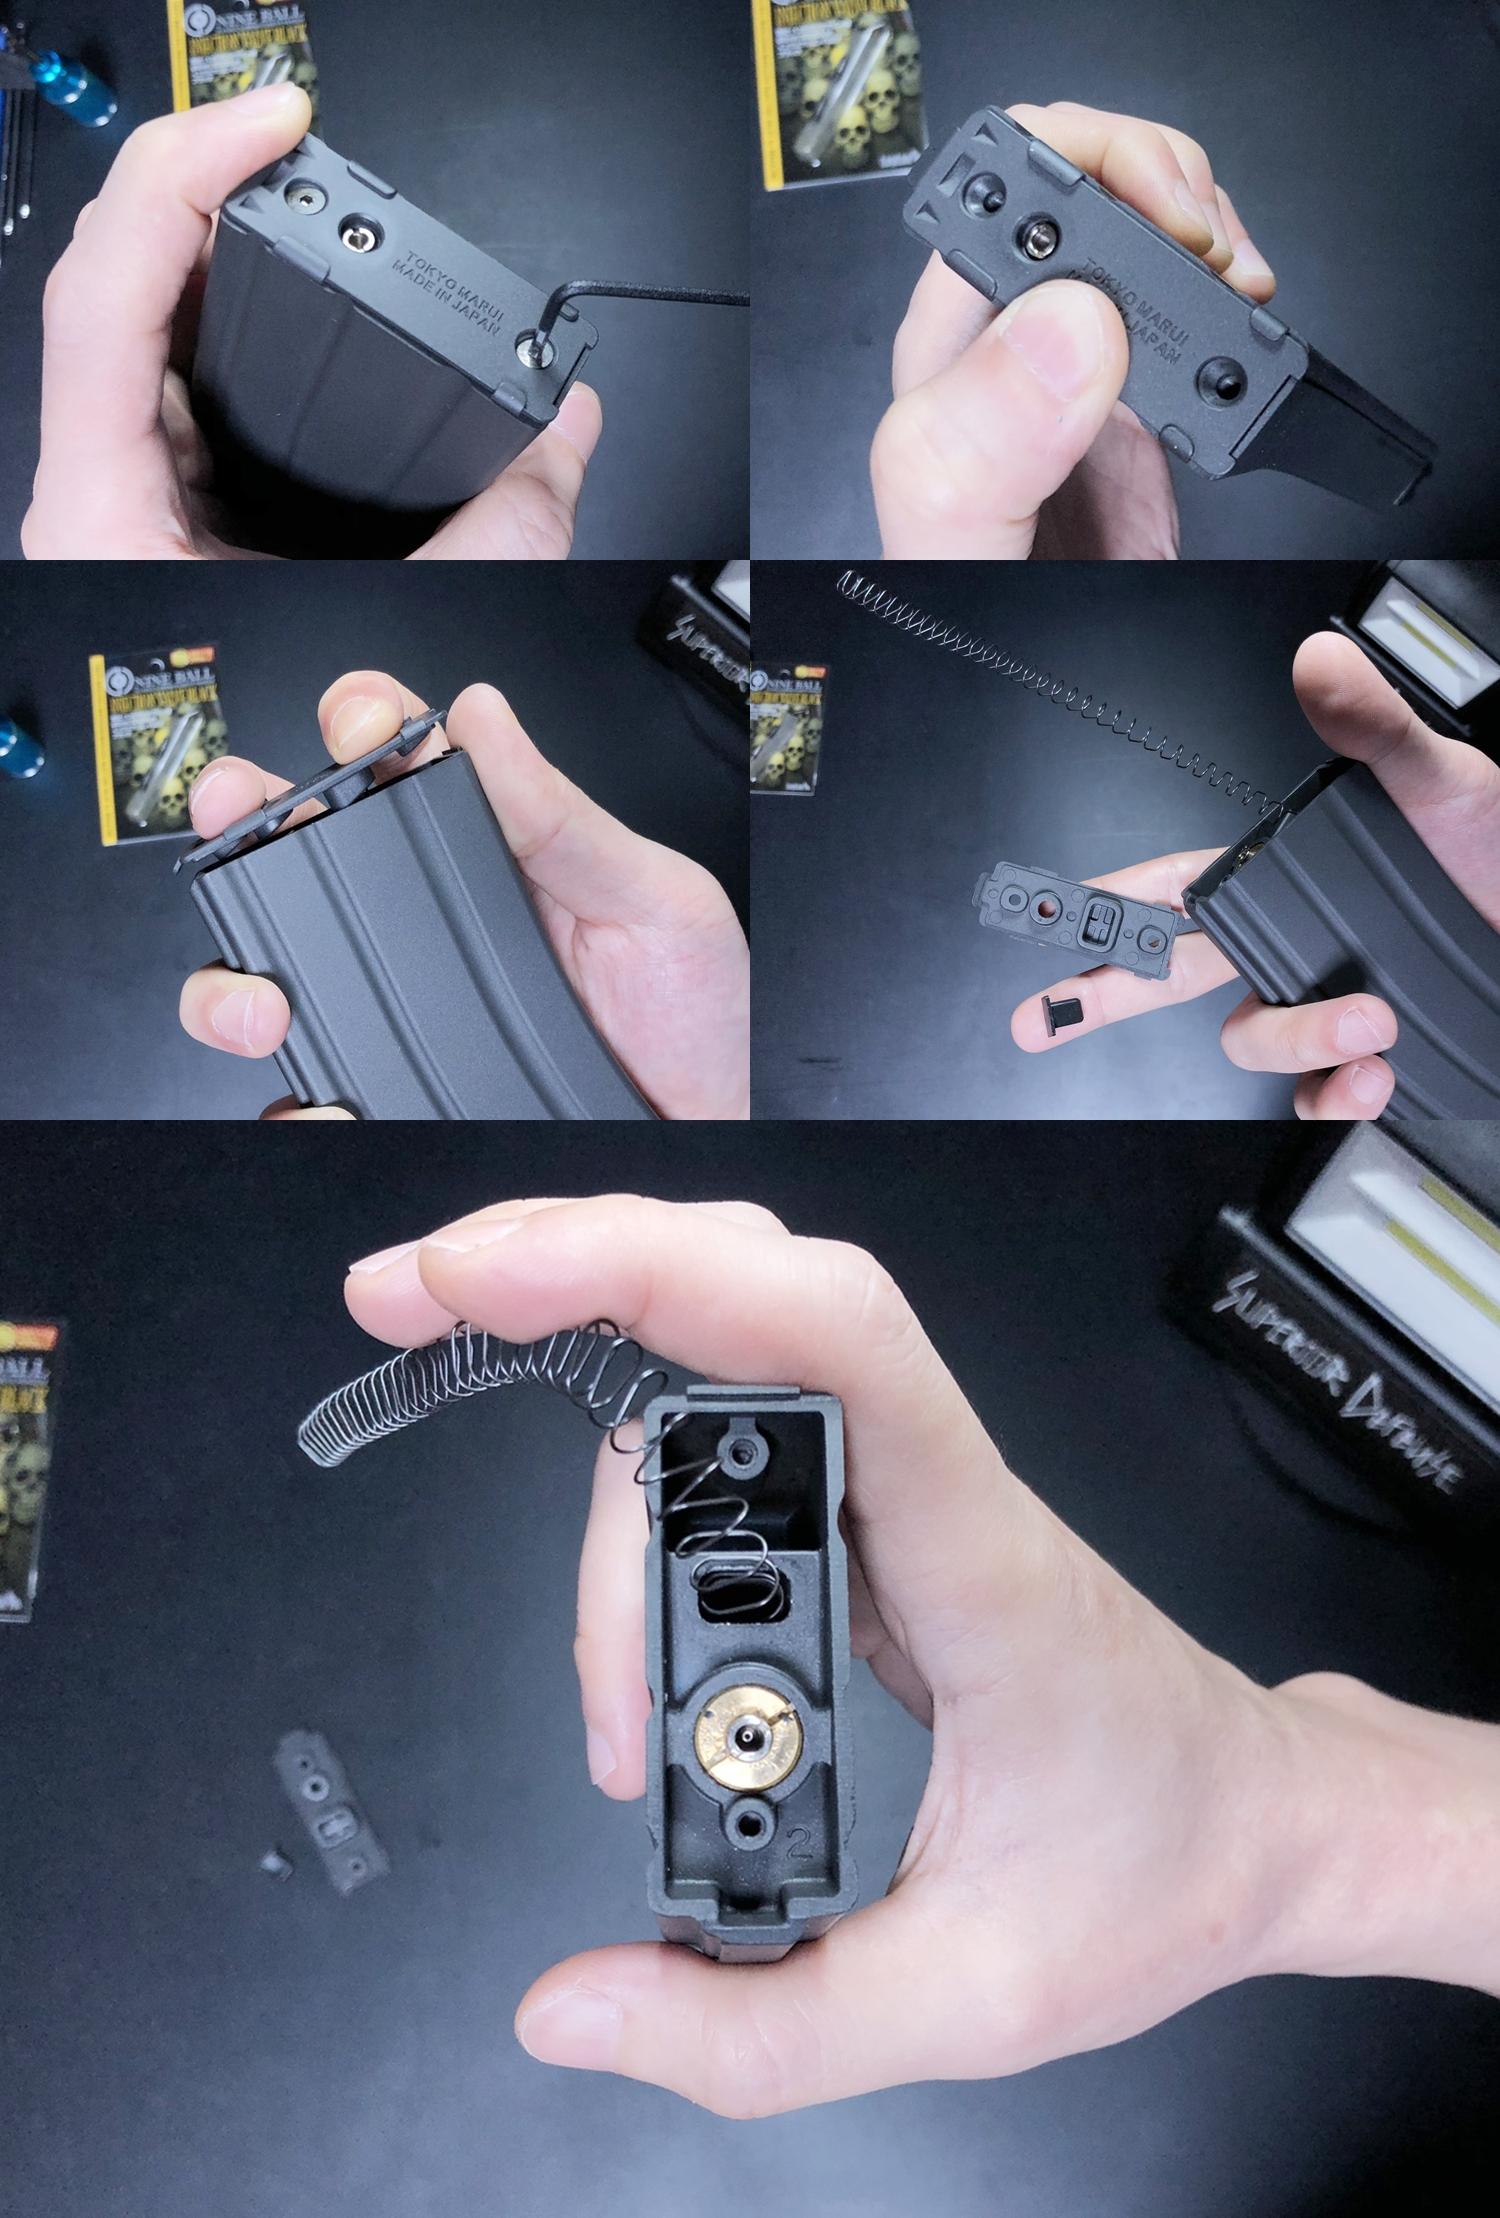 3 東京マルイ MWS M4A1 GBB マガジン ガス漏れ修理!! LayLax NINE BALL インジェクションバルブ へ交換してみるぞ!! 修理 交換 分解 取付 レビュー!!